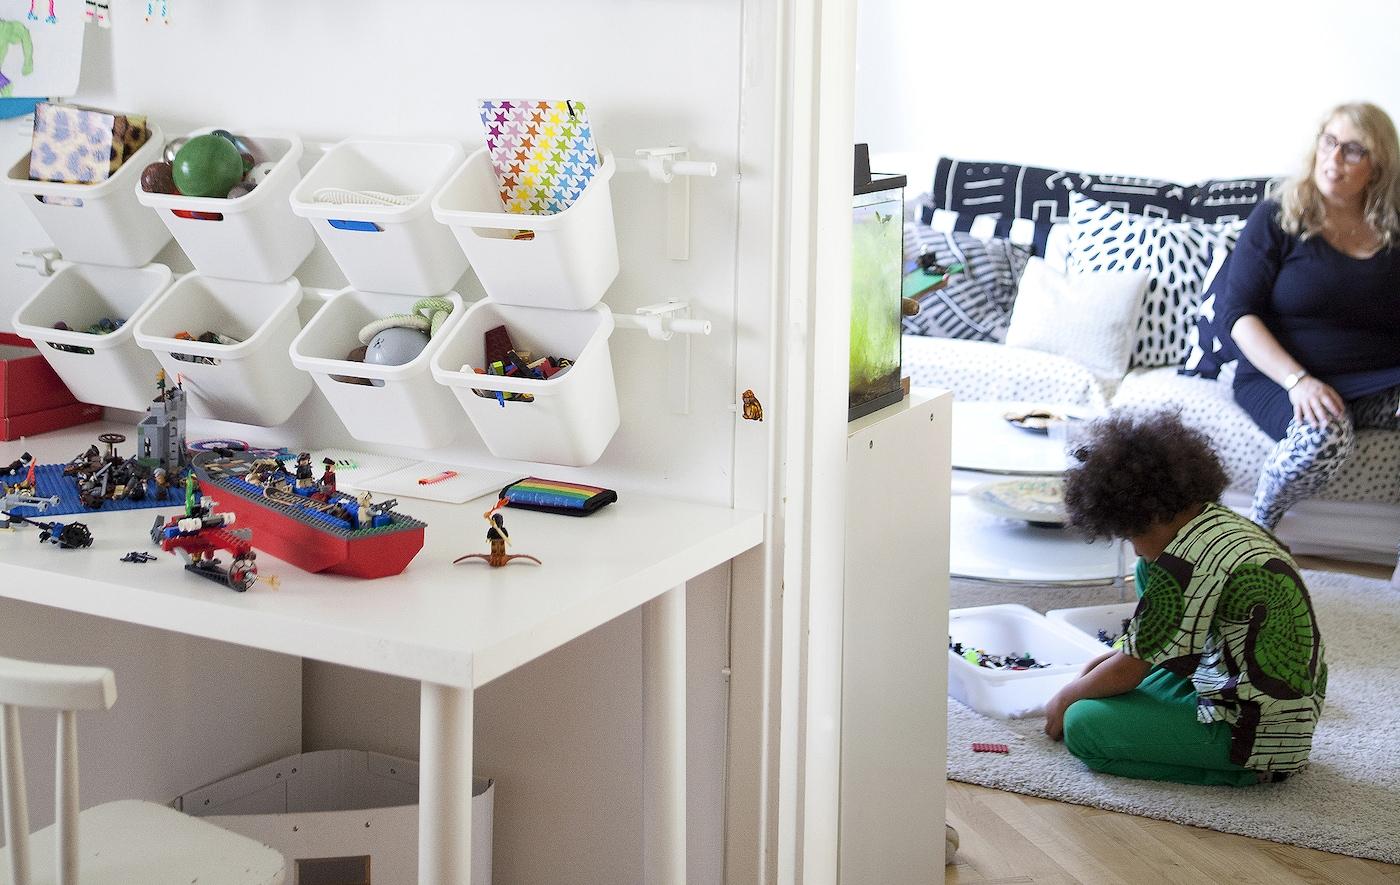 Contenidors que pengen d'una barra muntada a la paret per crear un espai d'emmagatzematge de joguines a un dormitori infantil. Una mare i el seu fill seuen en segon pla.